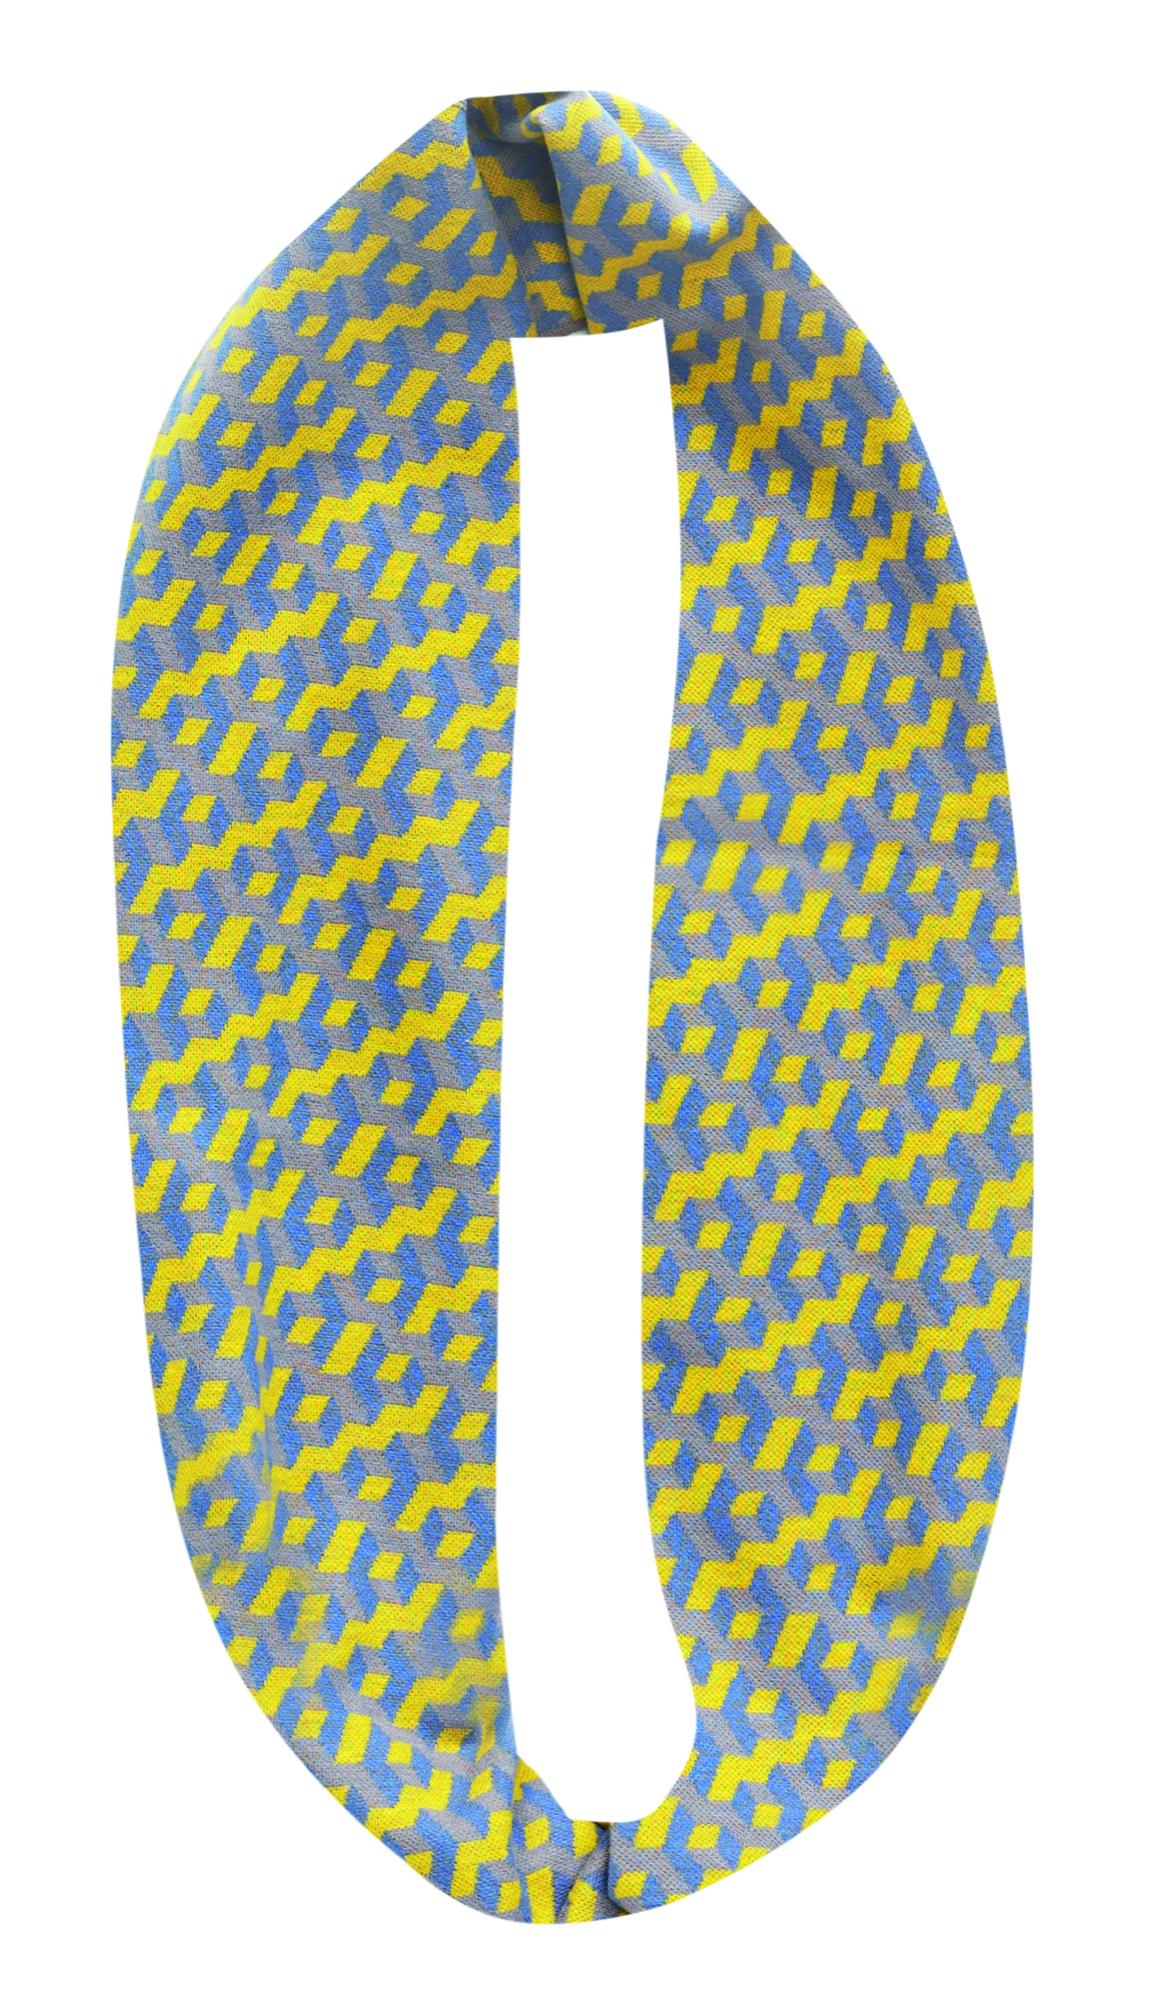 Купить Шарф BUFF Infinity Cotton Jacquard INFINITY COTTON KARE Банданы и шарфы Buff ® 1079905